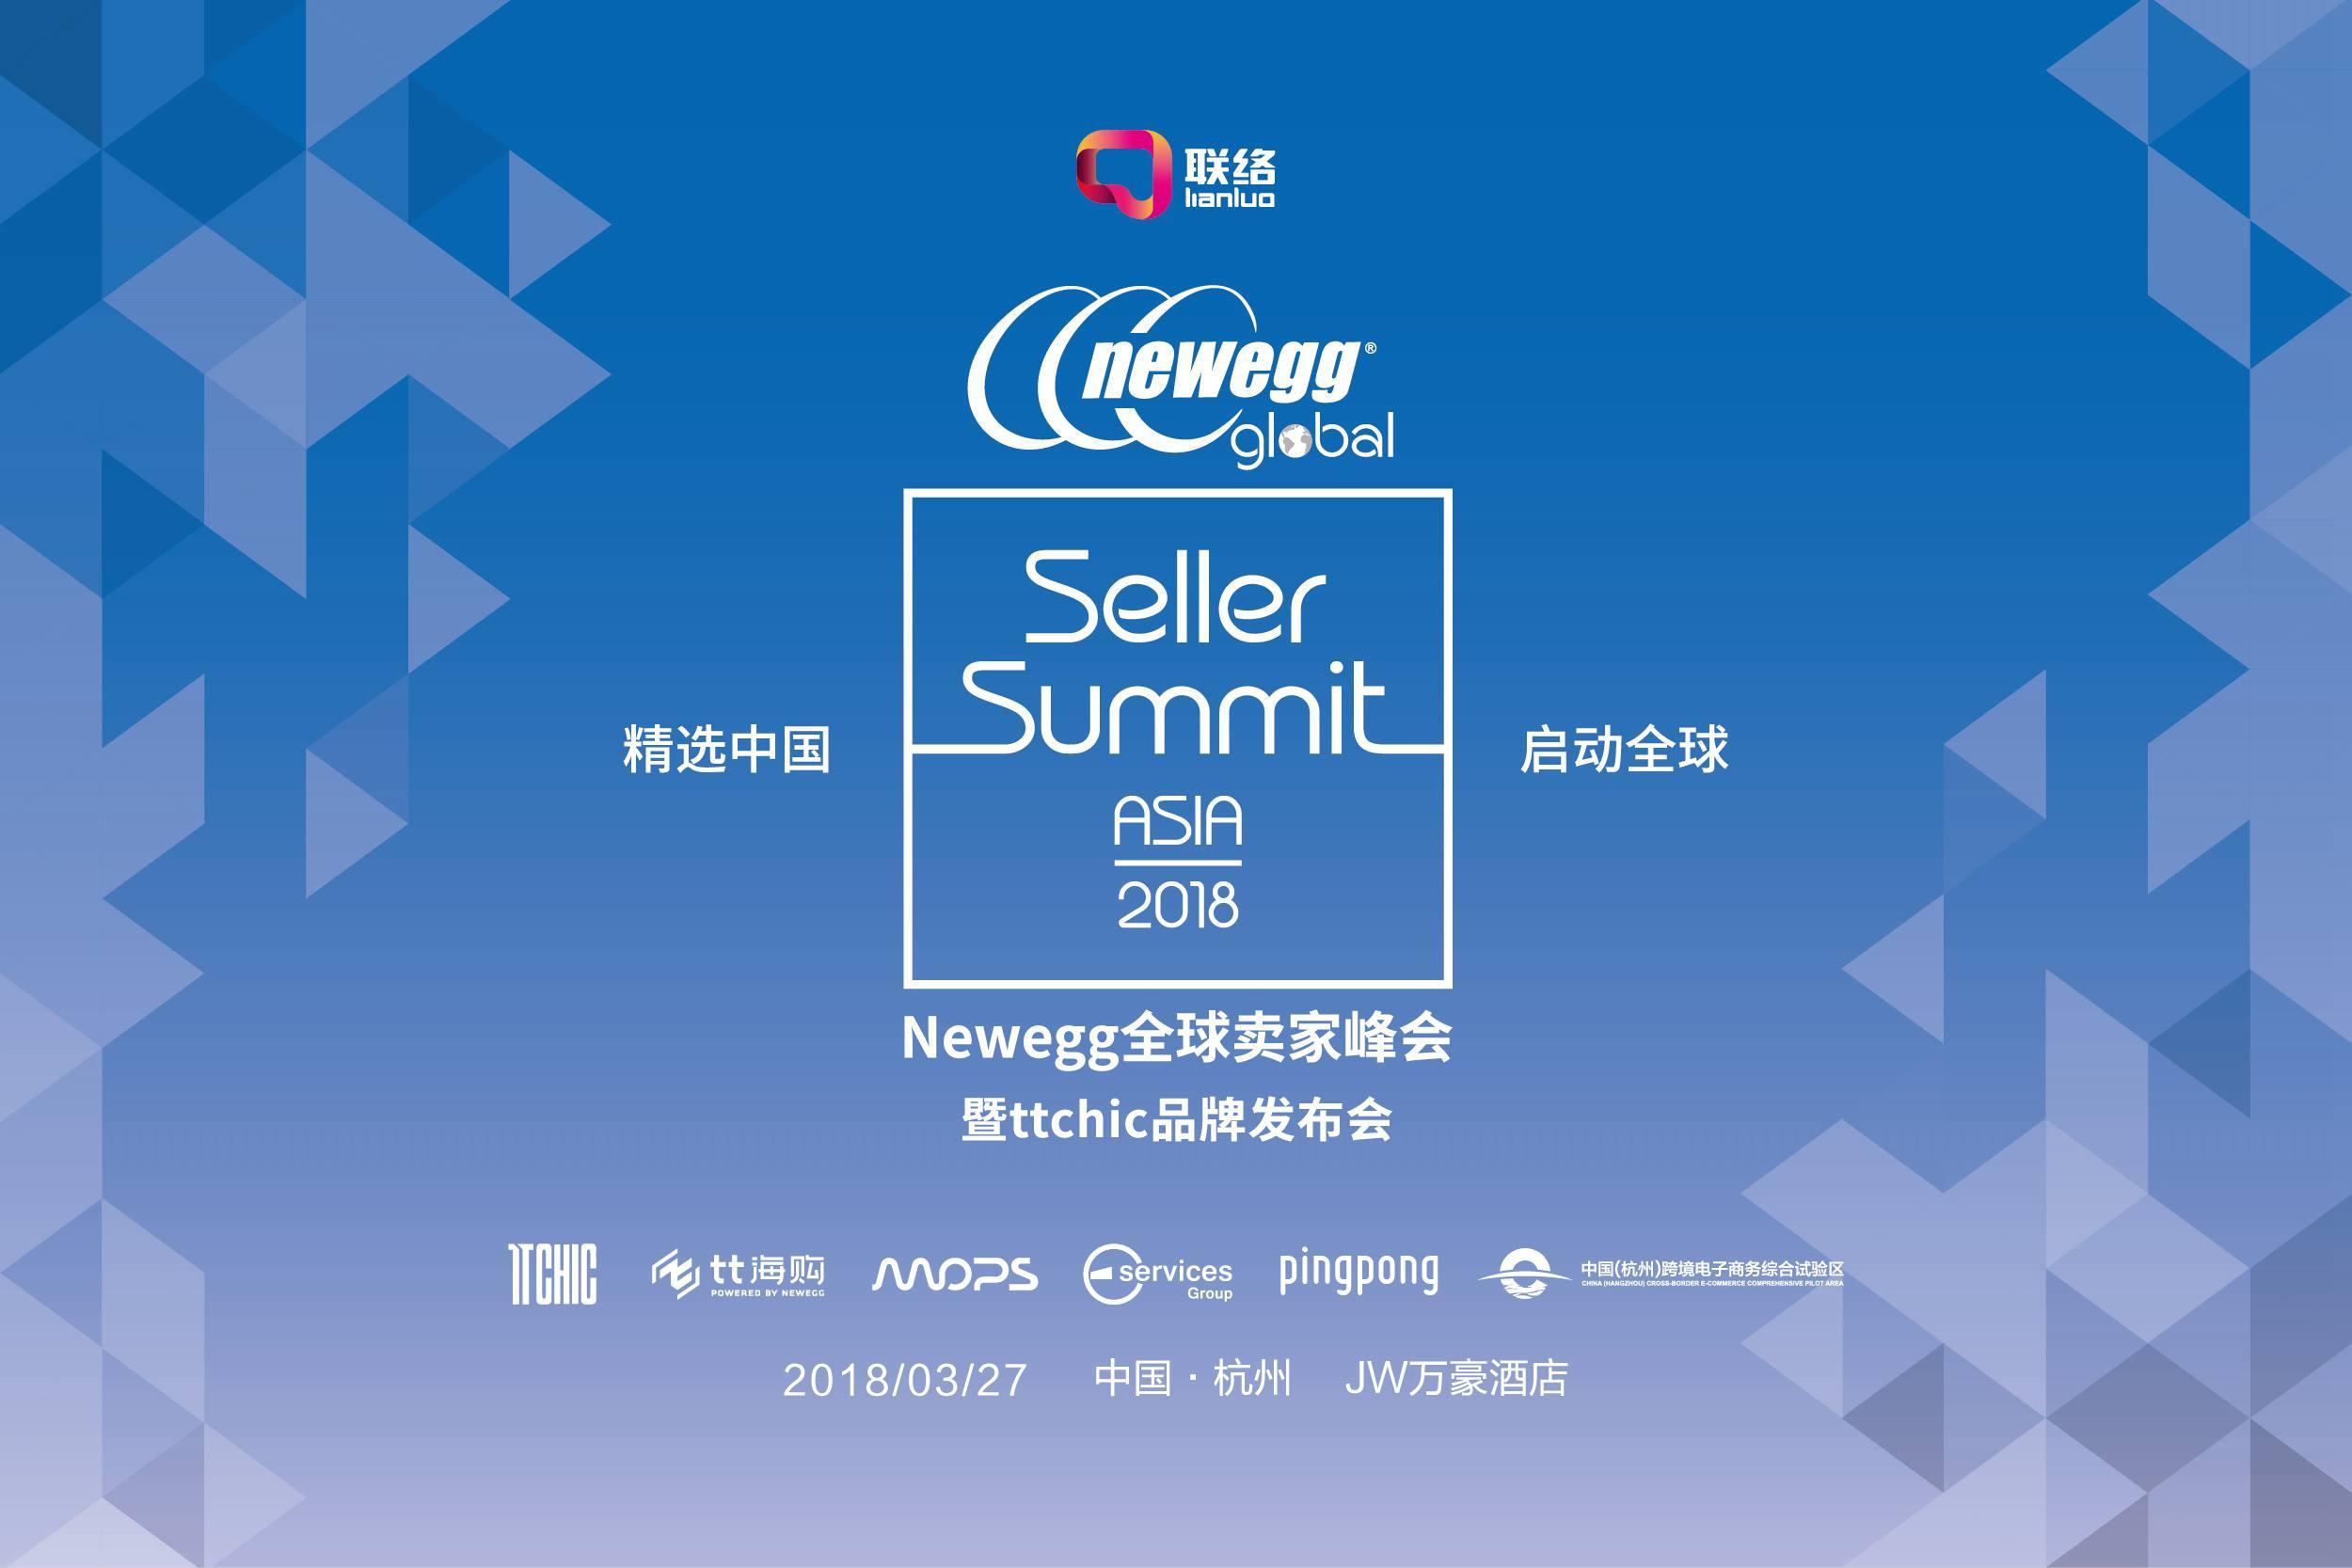 新蛋全球卖家峰会将举办